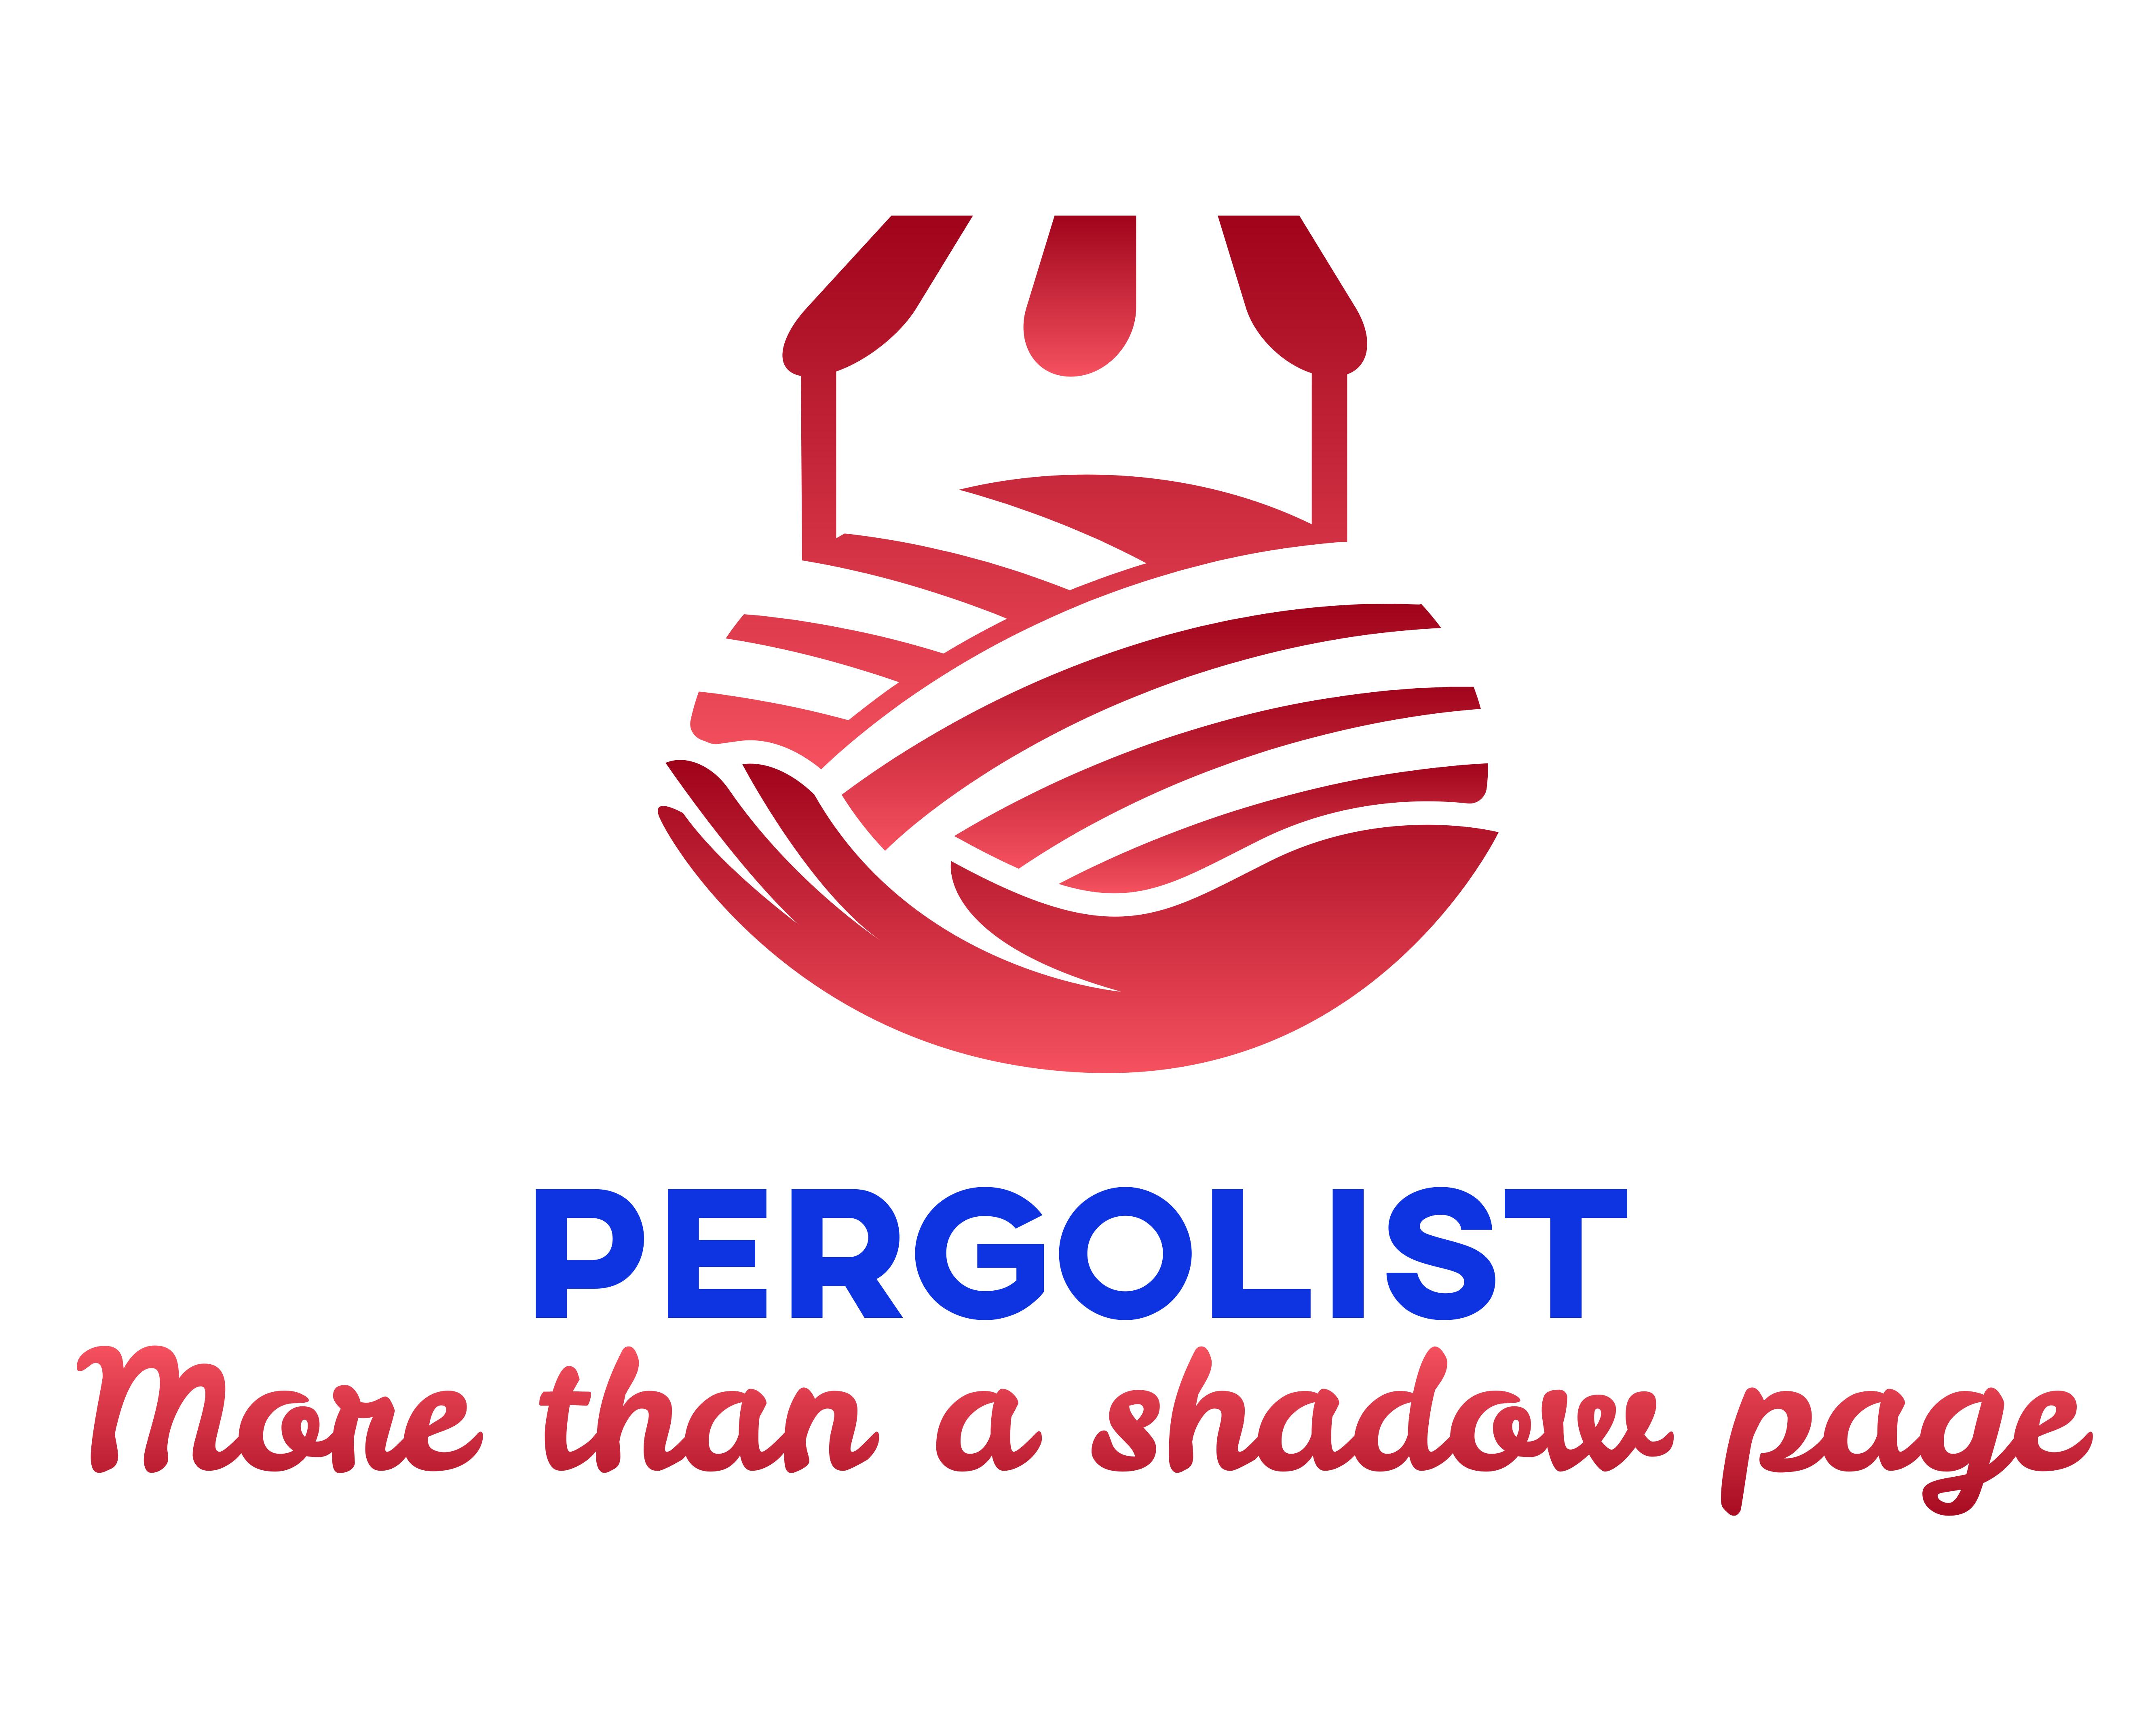 Pergolist